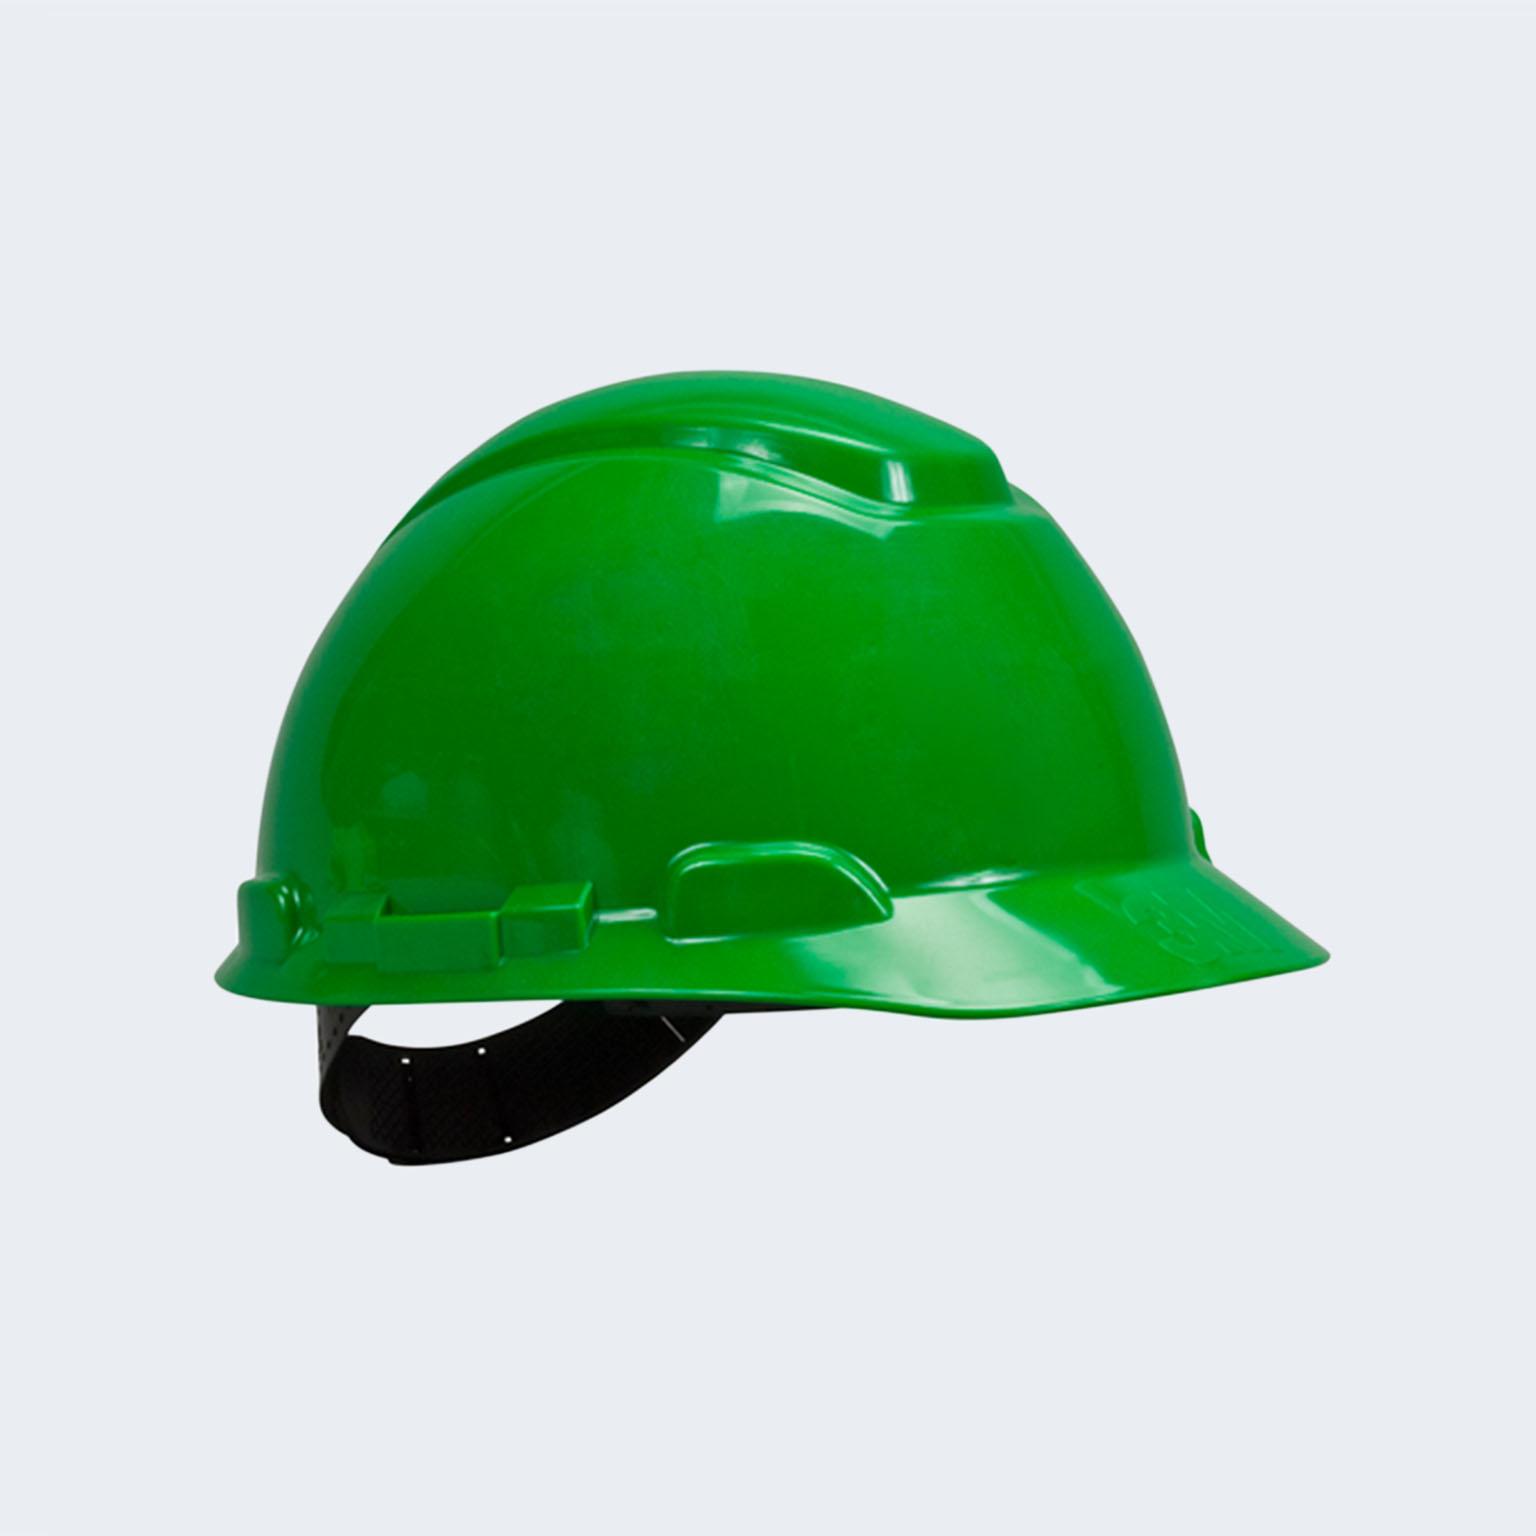 Casco 3M verde priosa